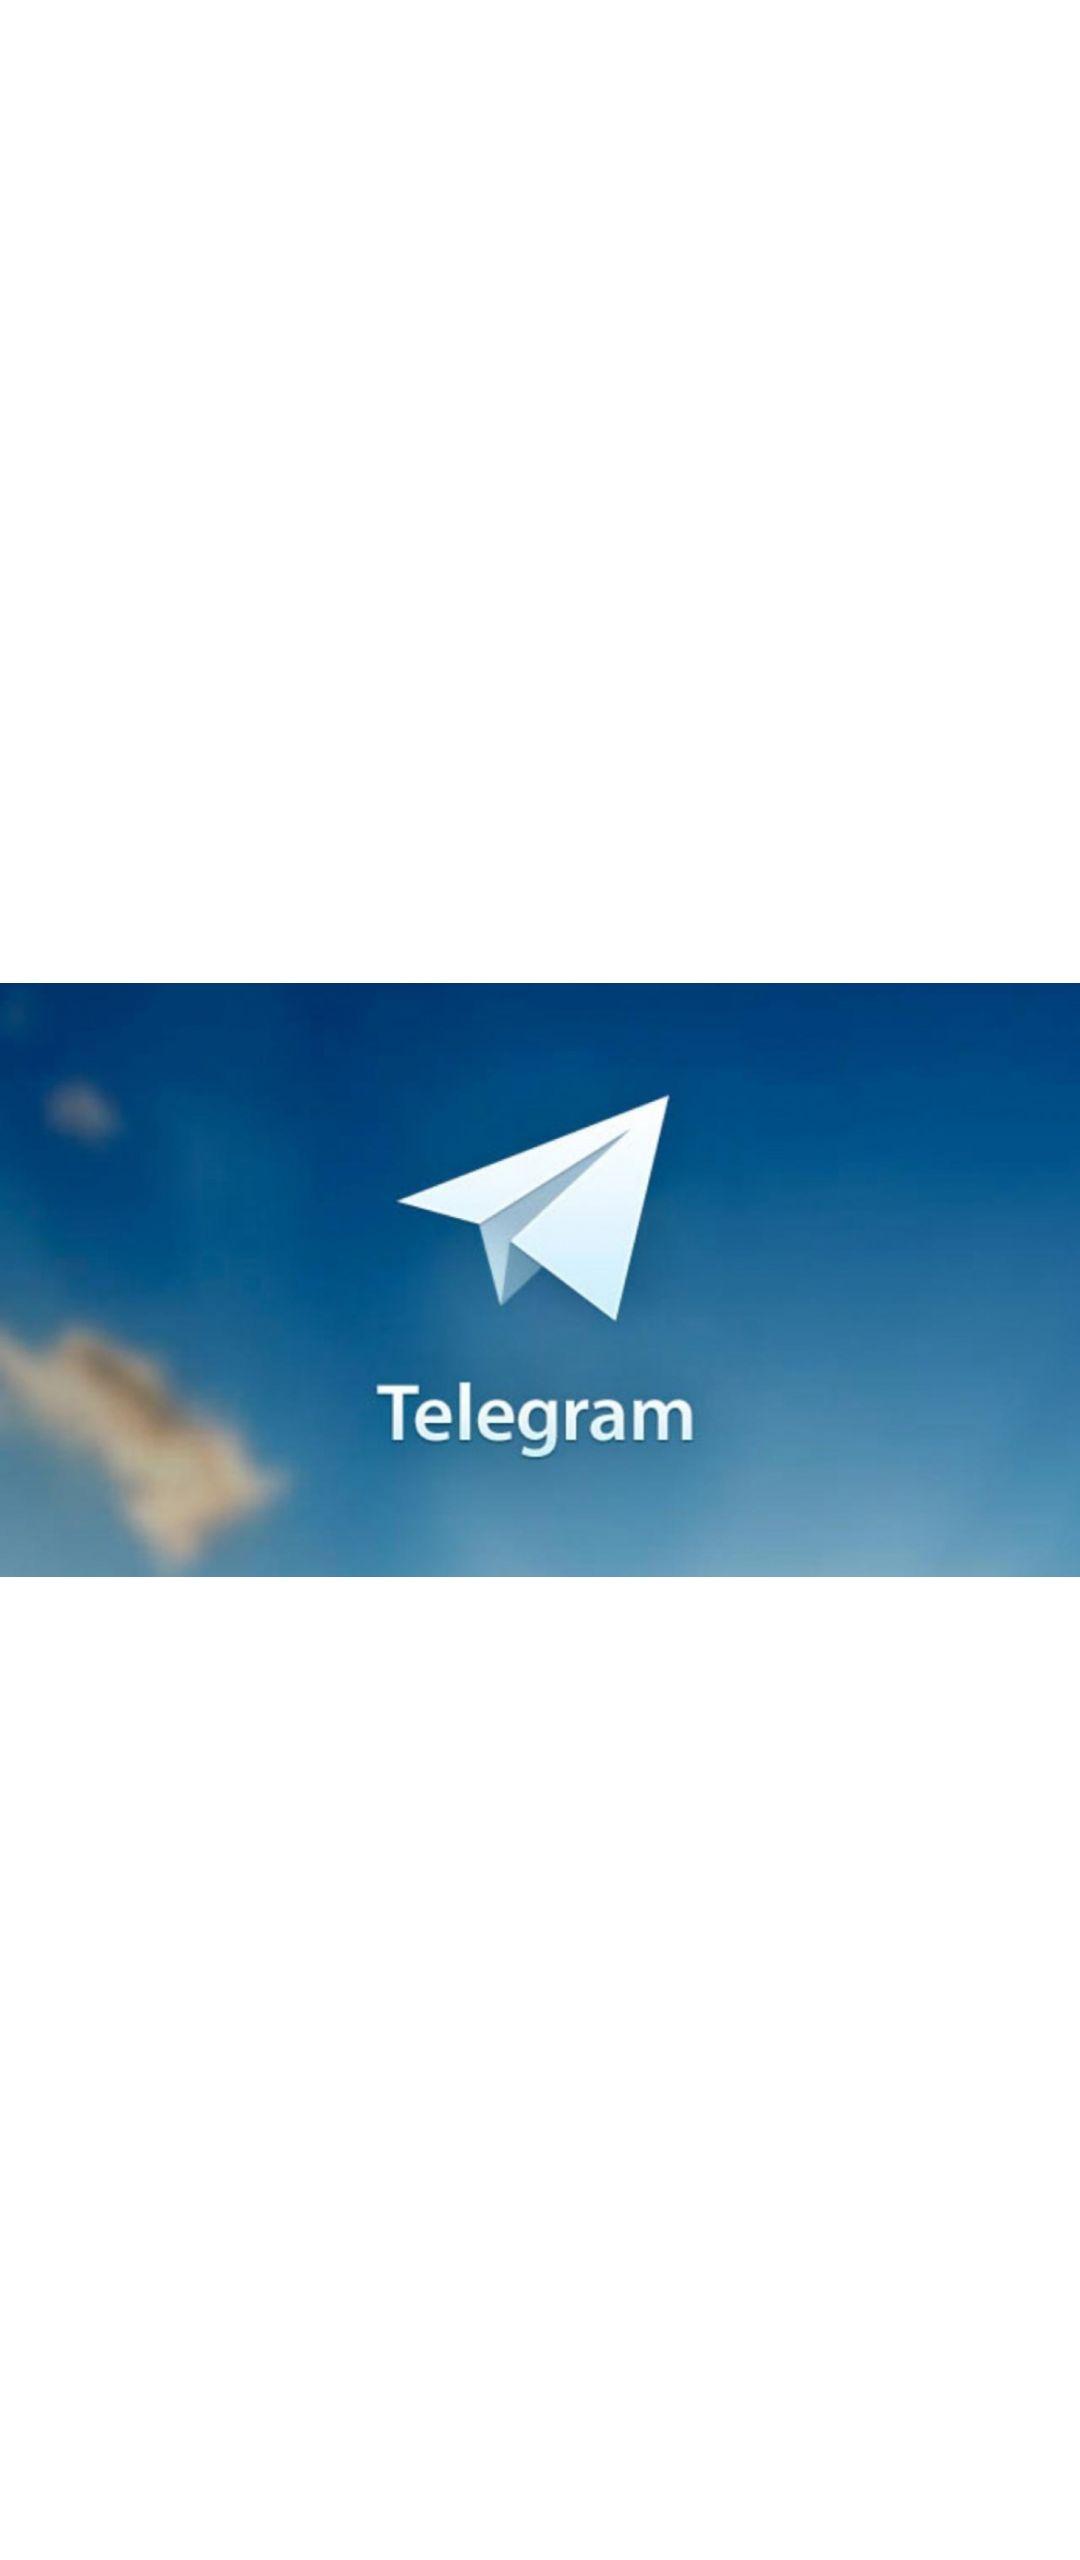 Telegram te vuelve más creativo en su última actualización